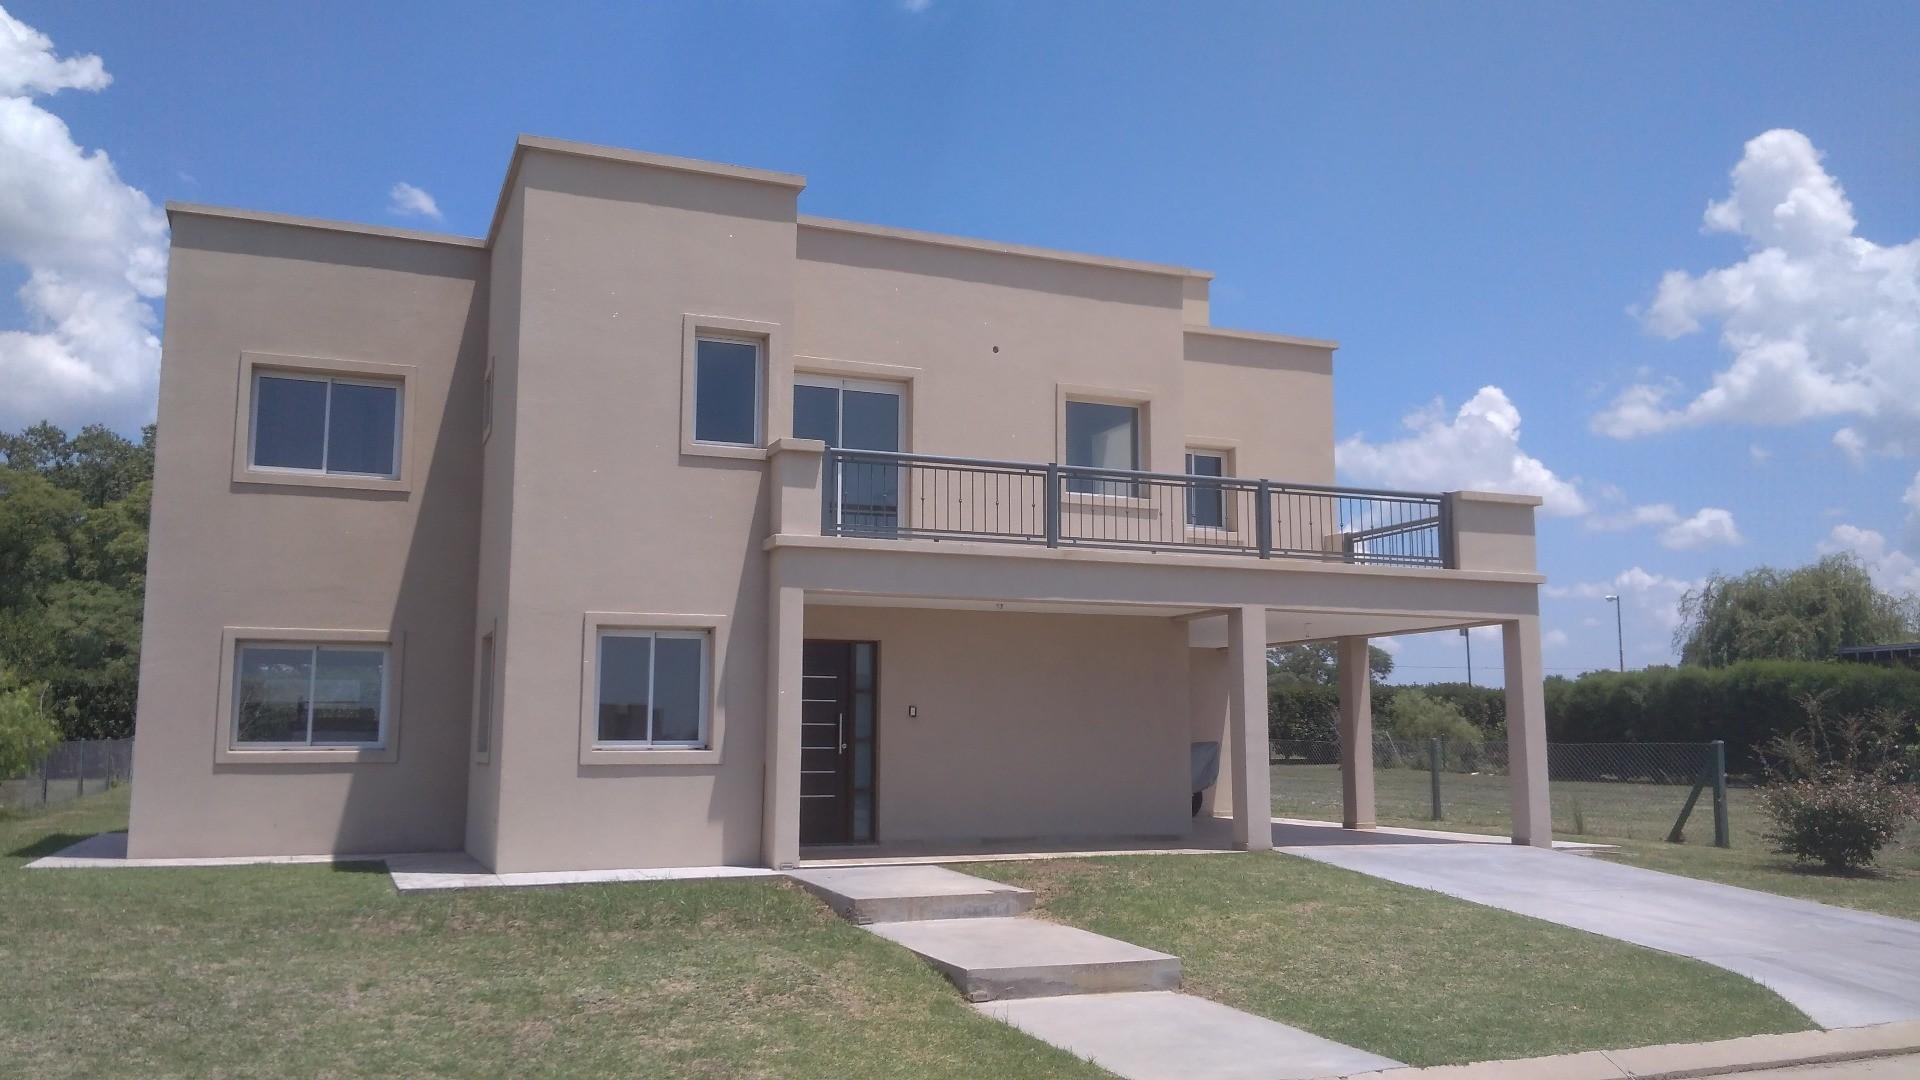 Casa de tres dormitorios a estrenar en Barrio San Sebastian